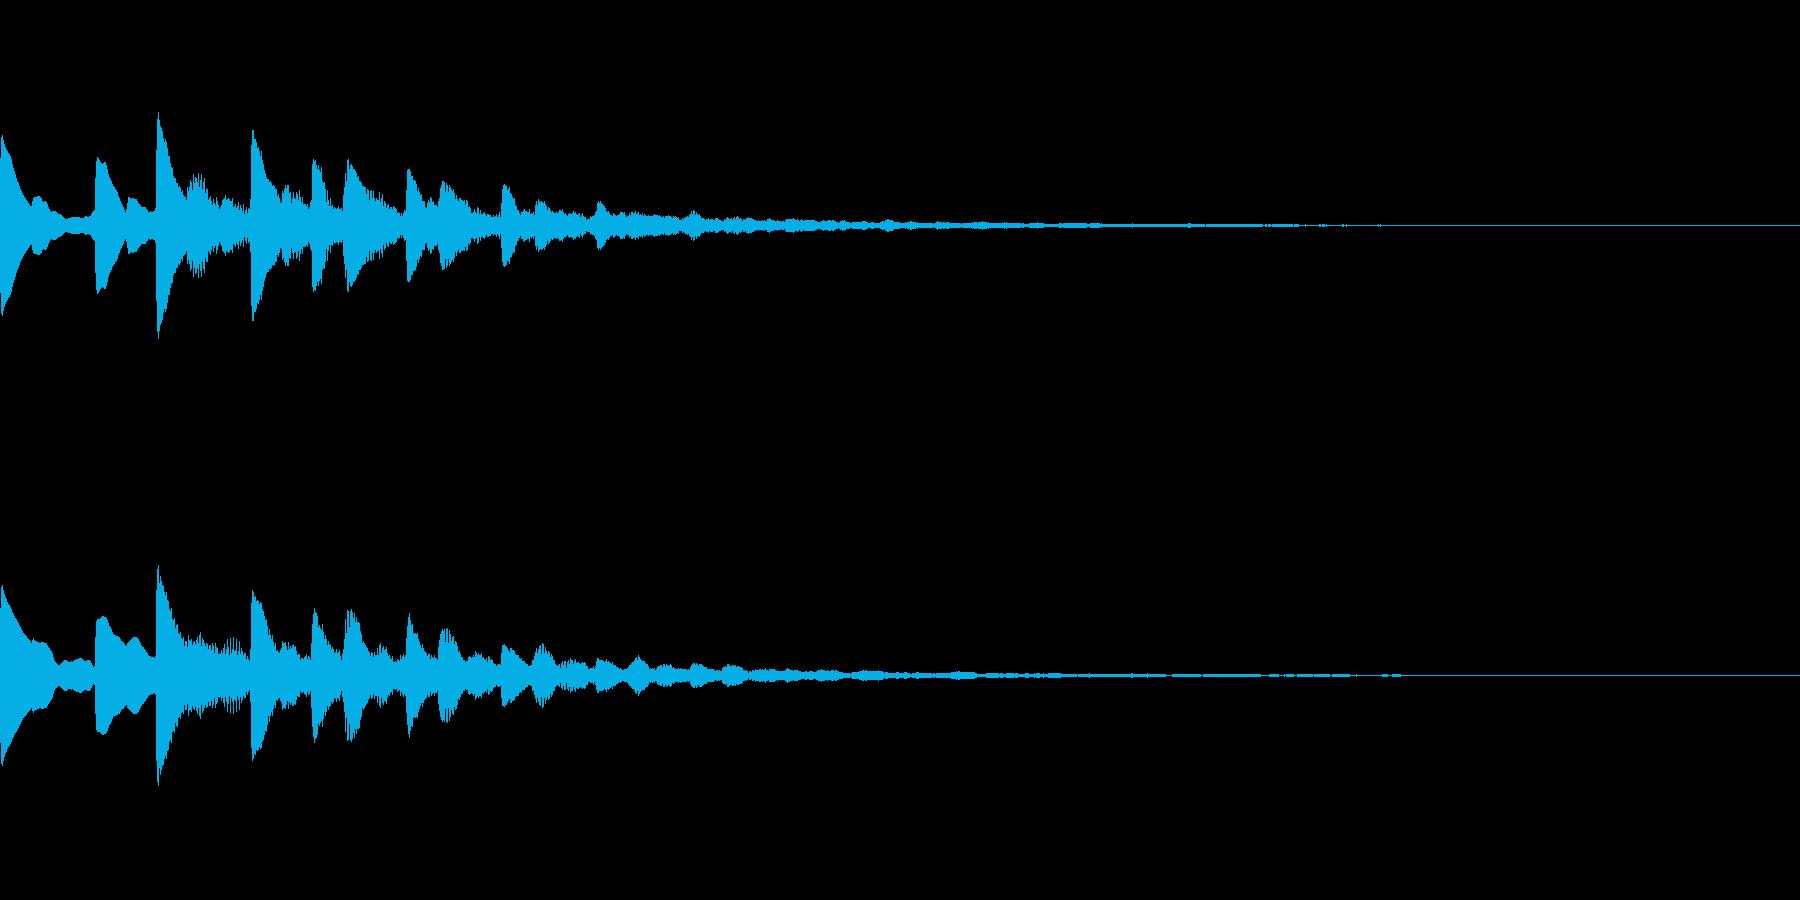 宇宙っぽいサウンドロゴ02の再生済みの波形